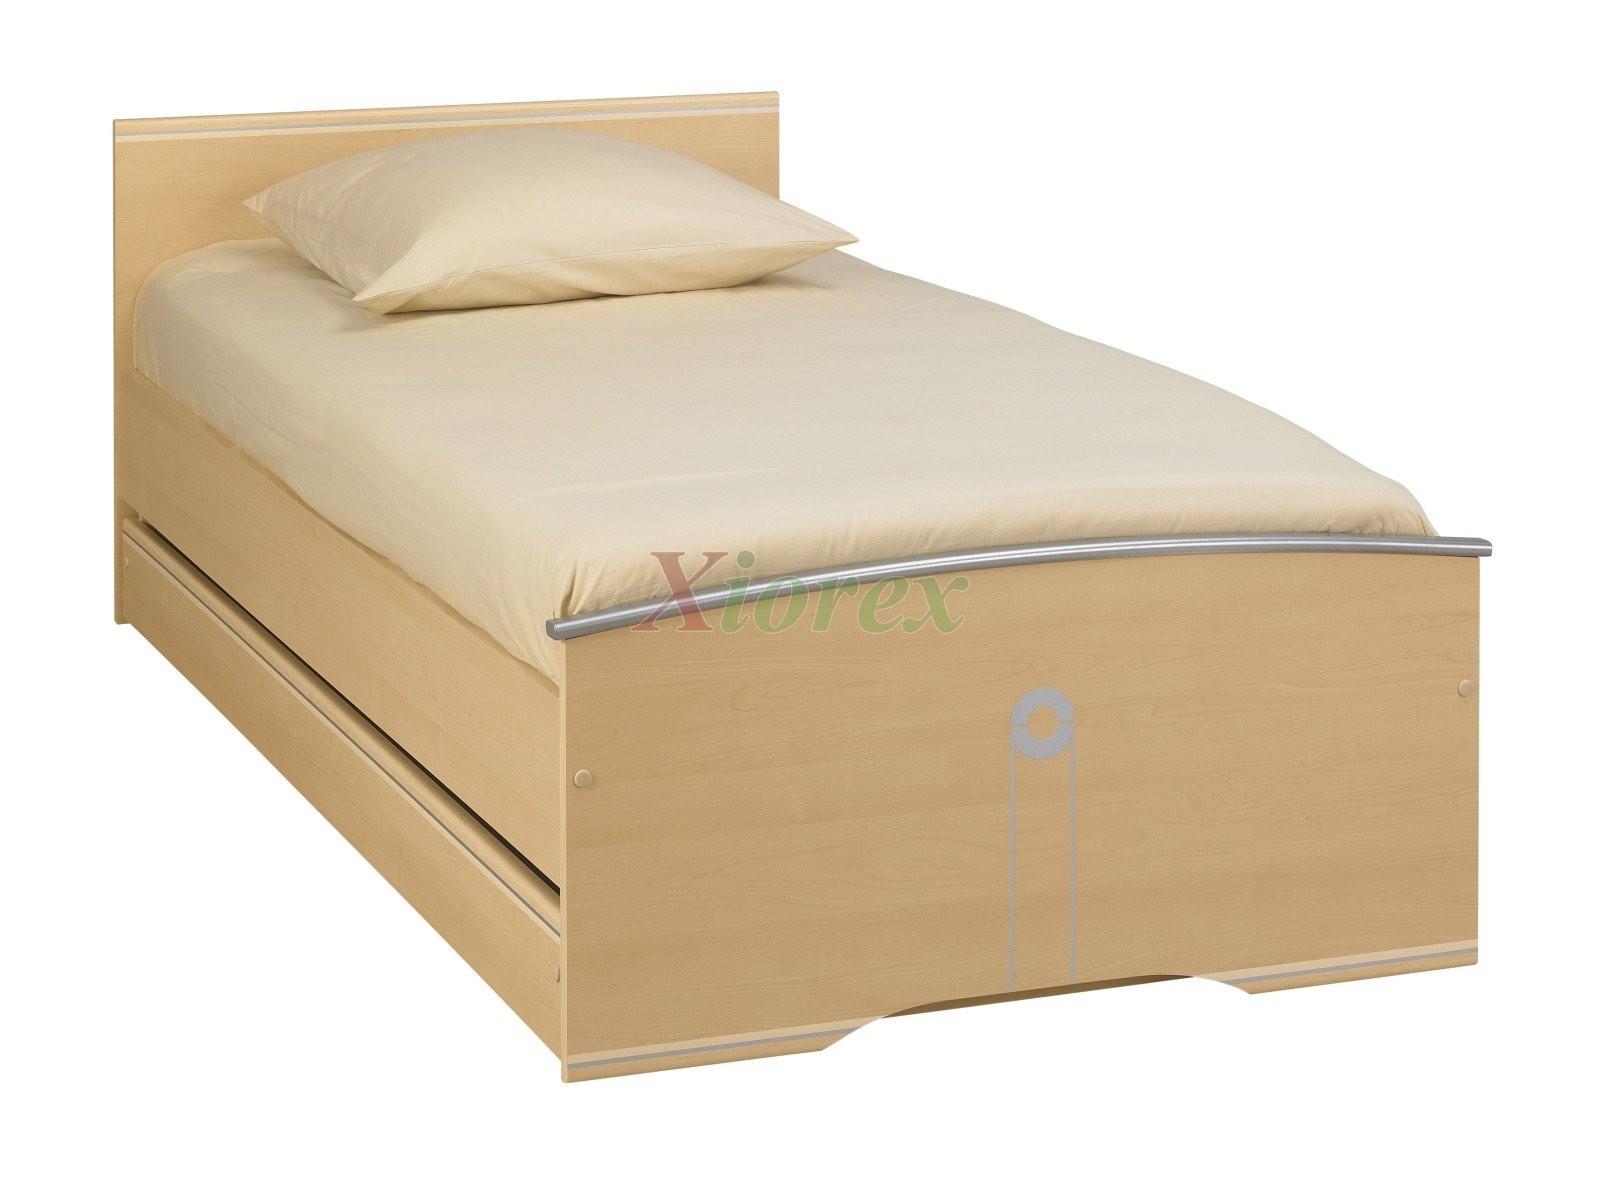 Gami Bed Set Online Gami S Cool Bed Sets Online Xiorex